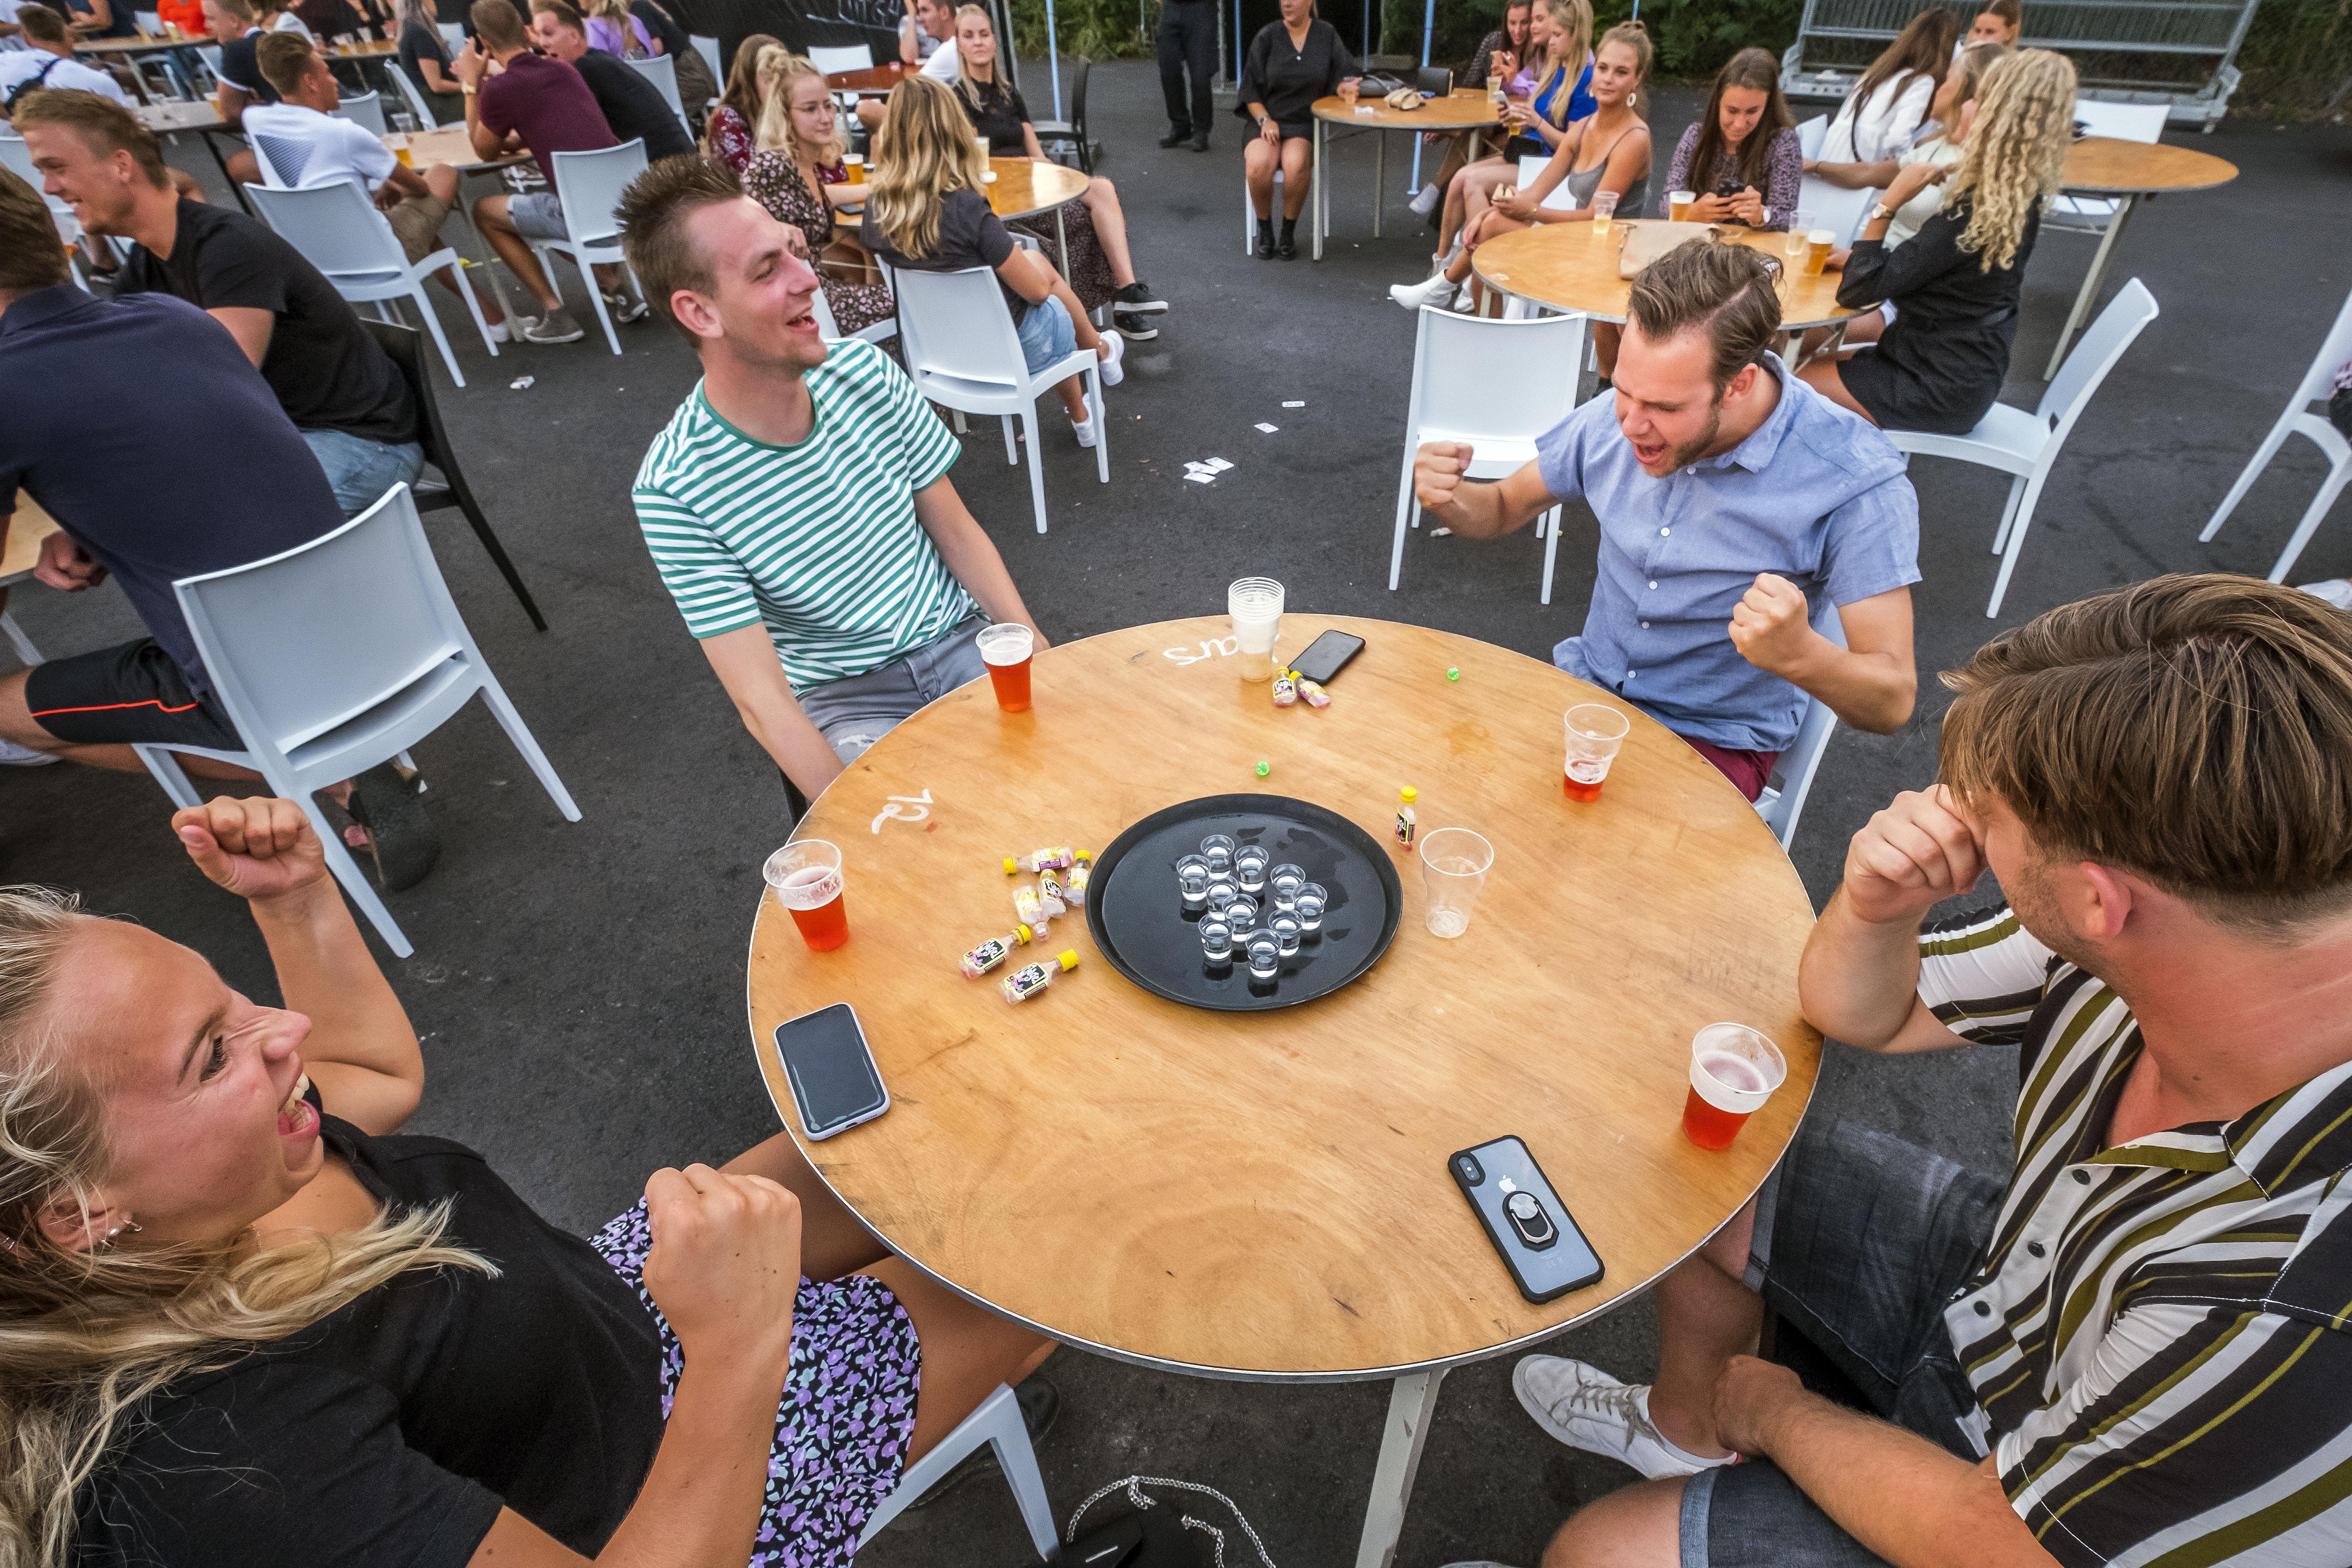 Vier aan een tafel, blijf op je plek en ga niet rondlopen: kermis Warmenhuizen is 'gek, anders, maar wel gezellig'